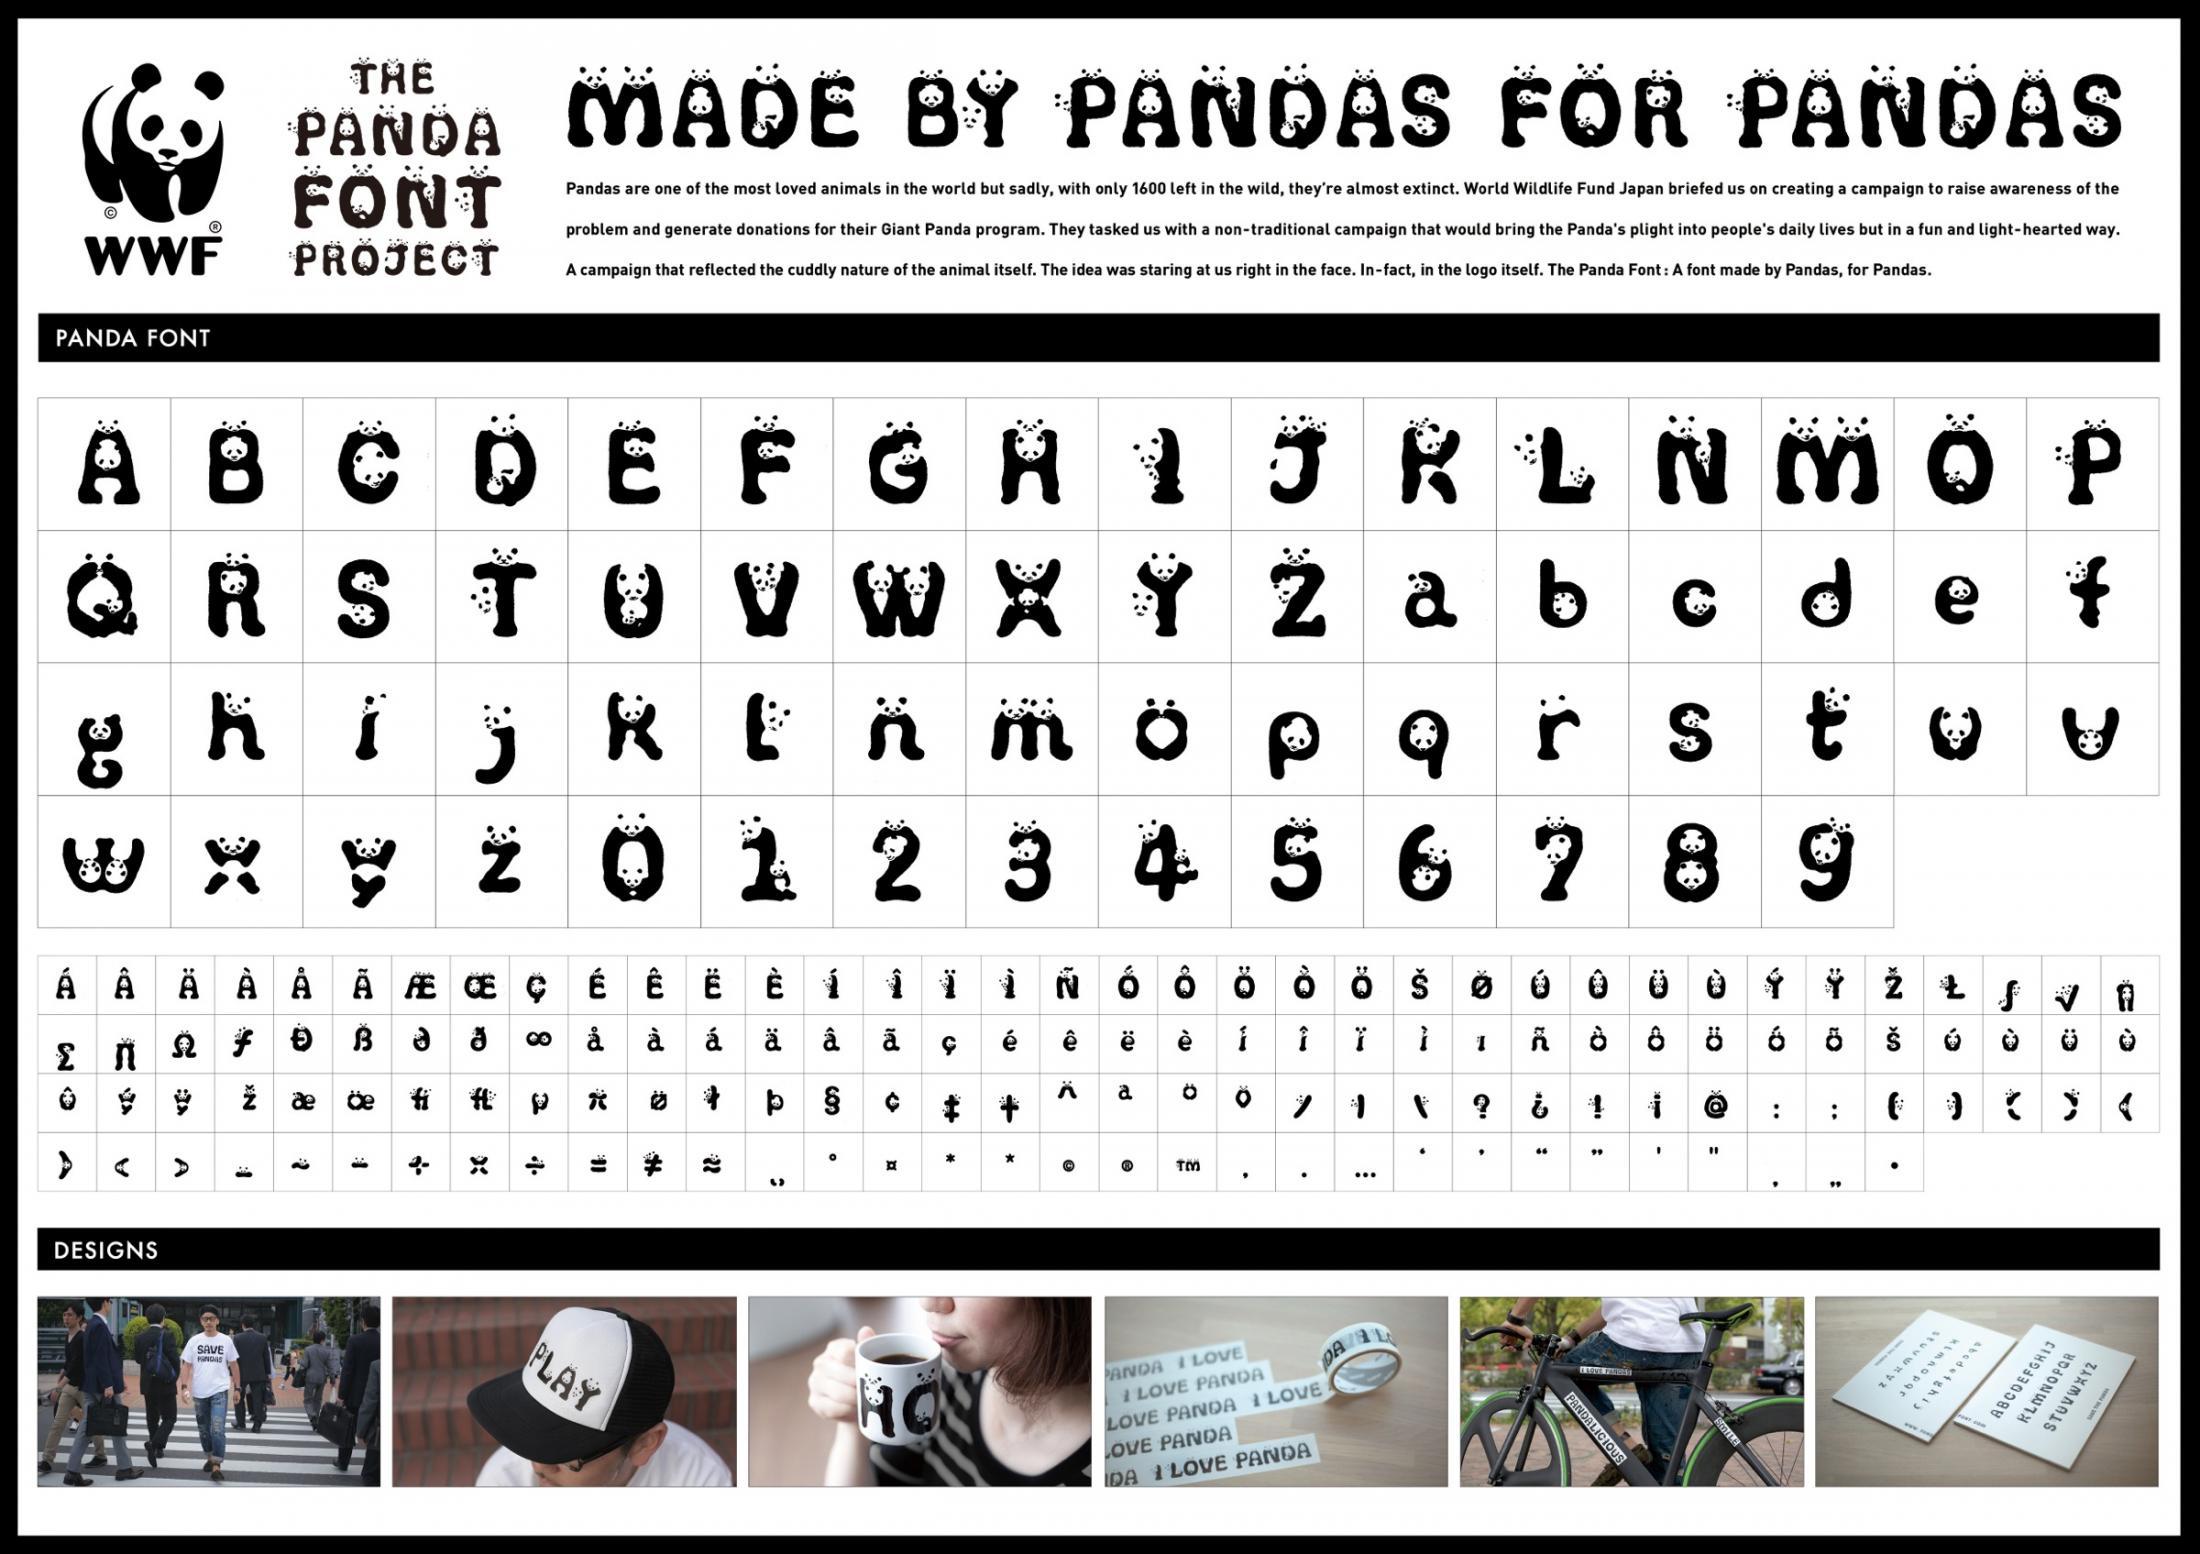 Panda Font | Agencia: Ogilvy